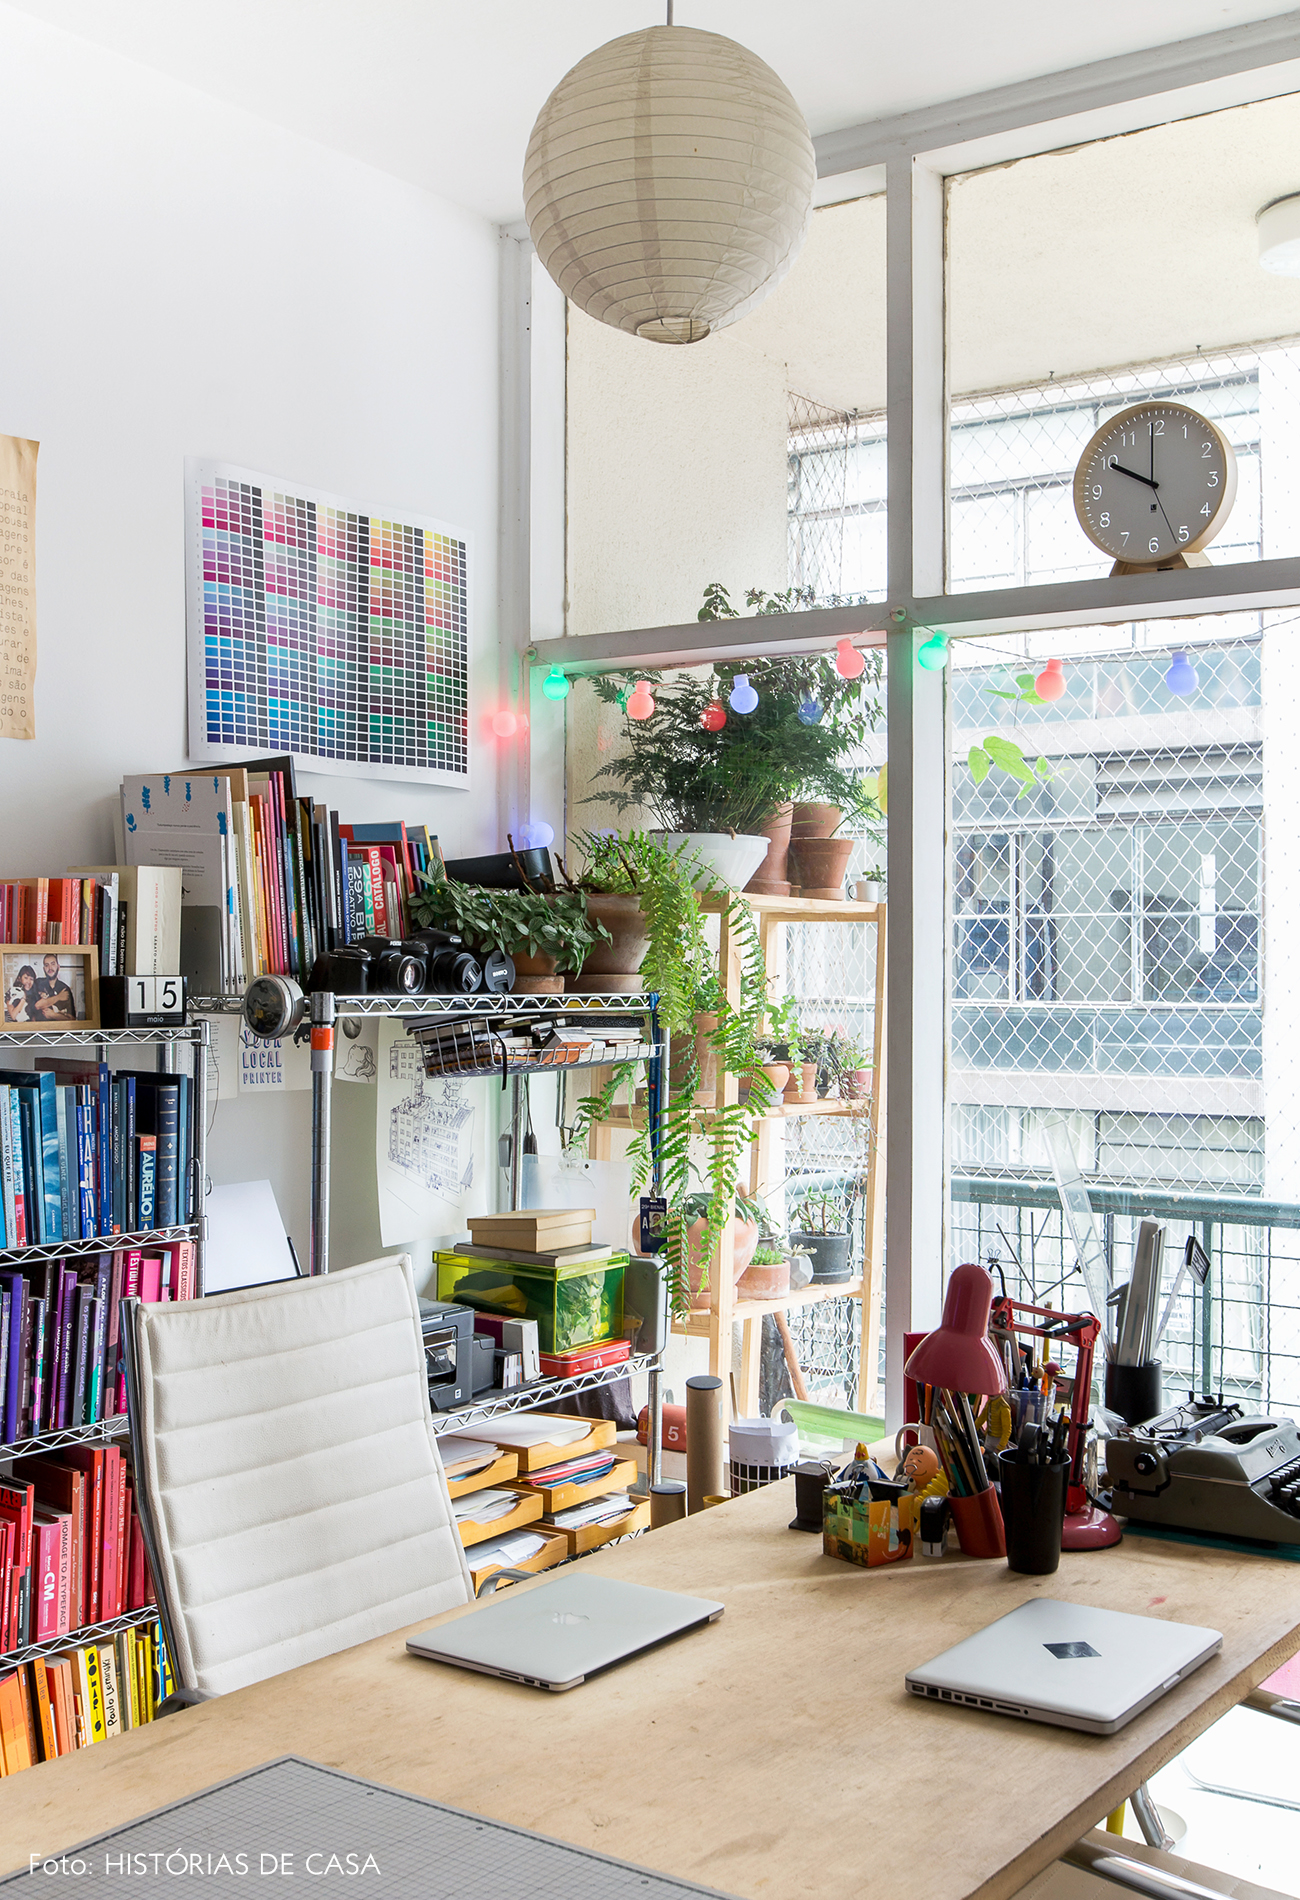 Home office montado com tampo de madeira e base de cavaletes coloridos